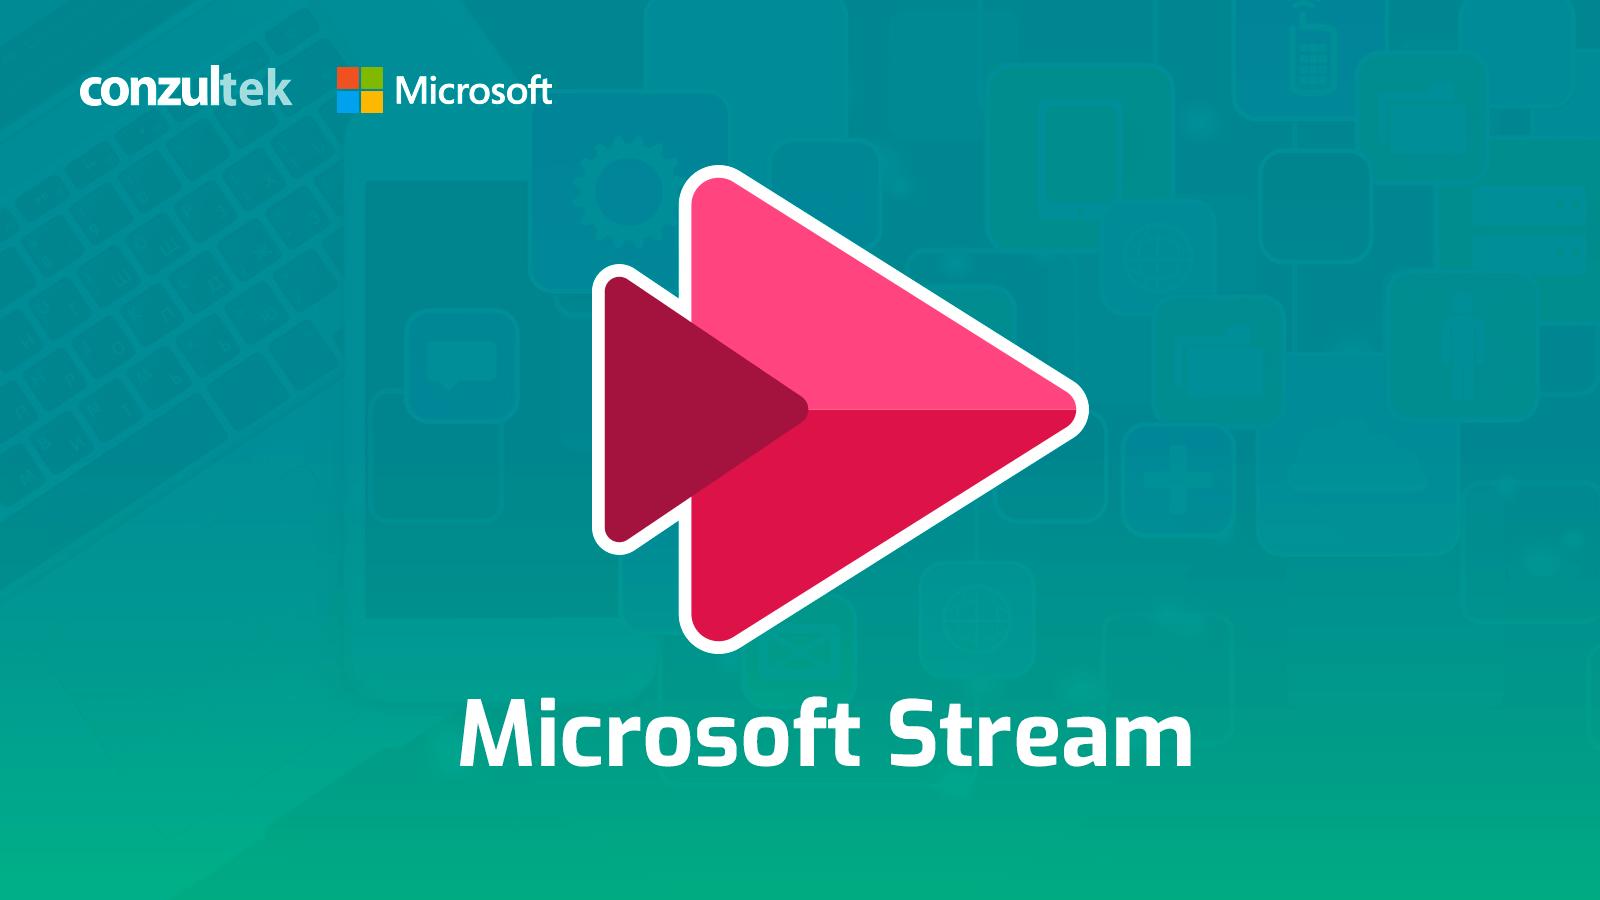 ¿Qué es y para qué sirve Microsoft Stream?